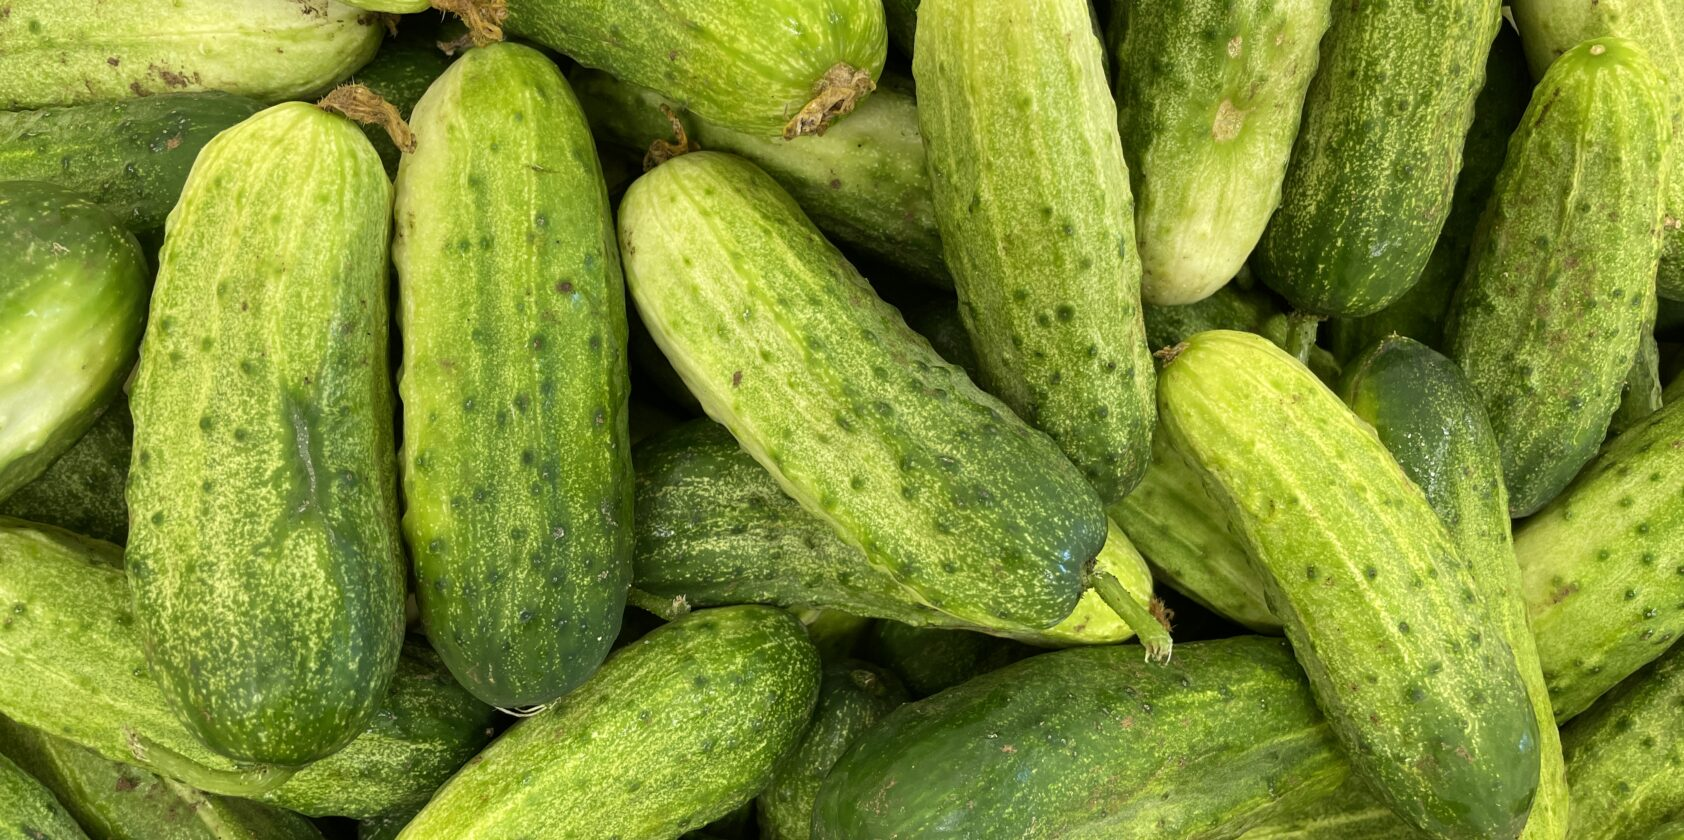 Cucumbers 🥒